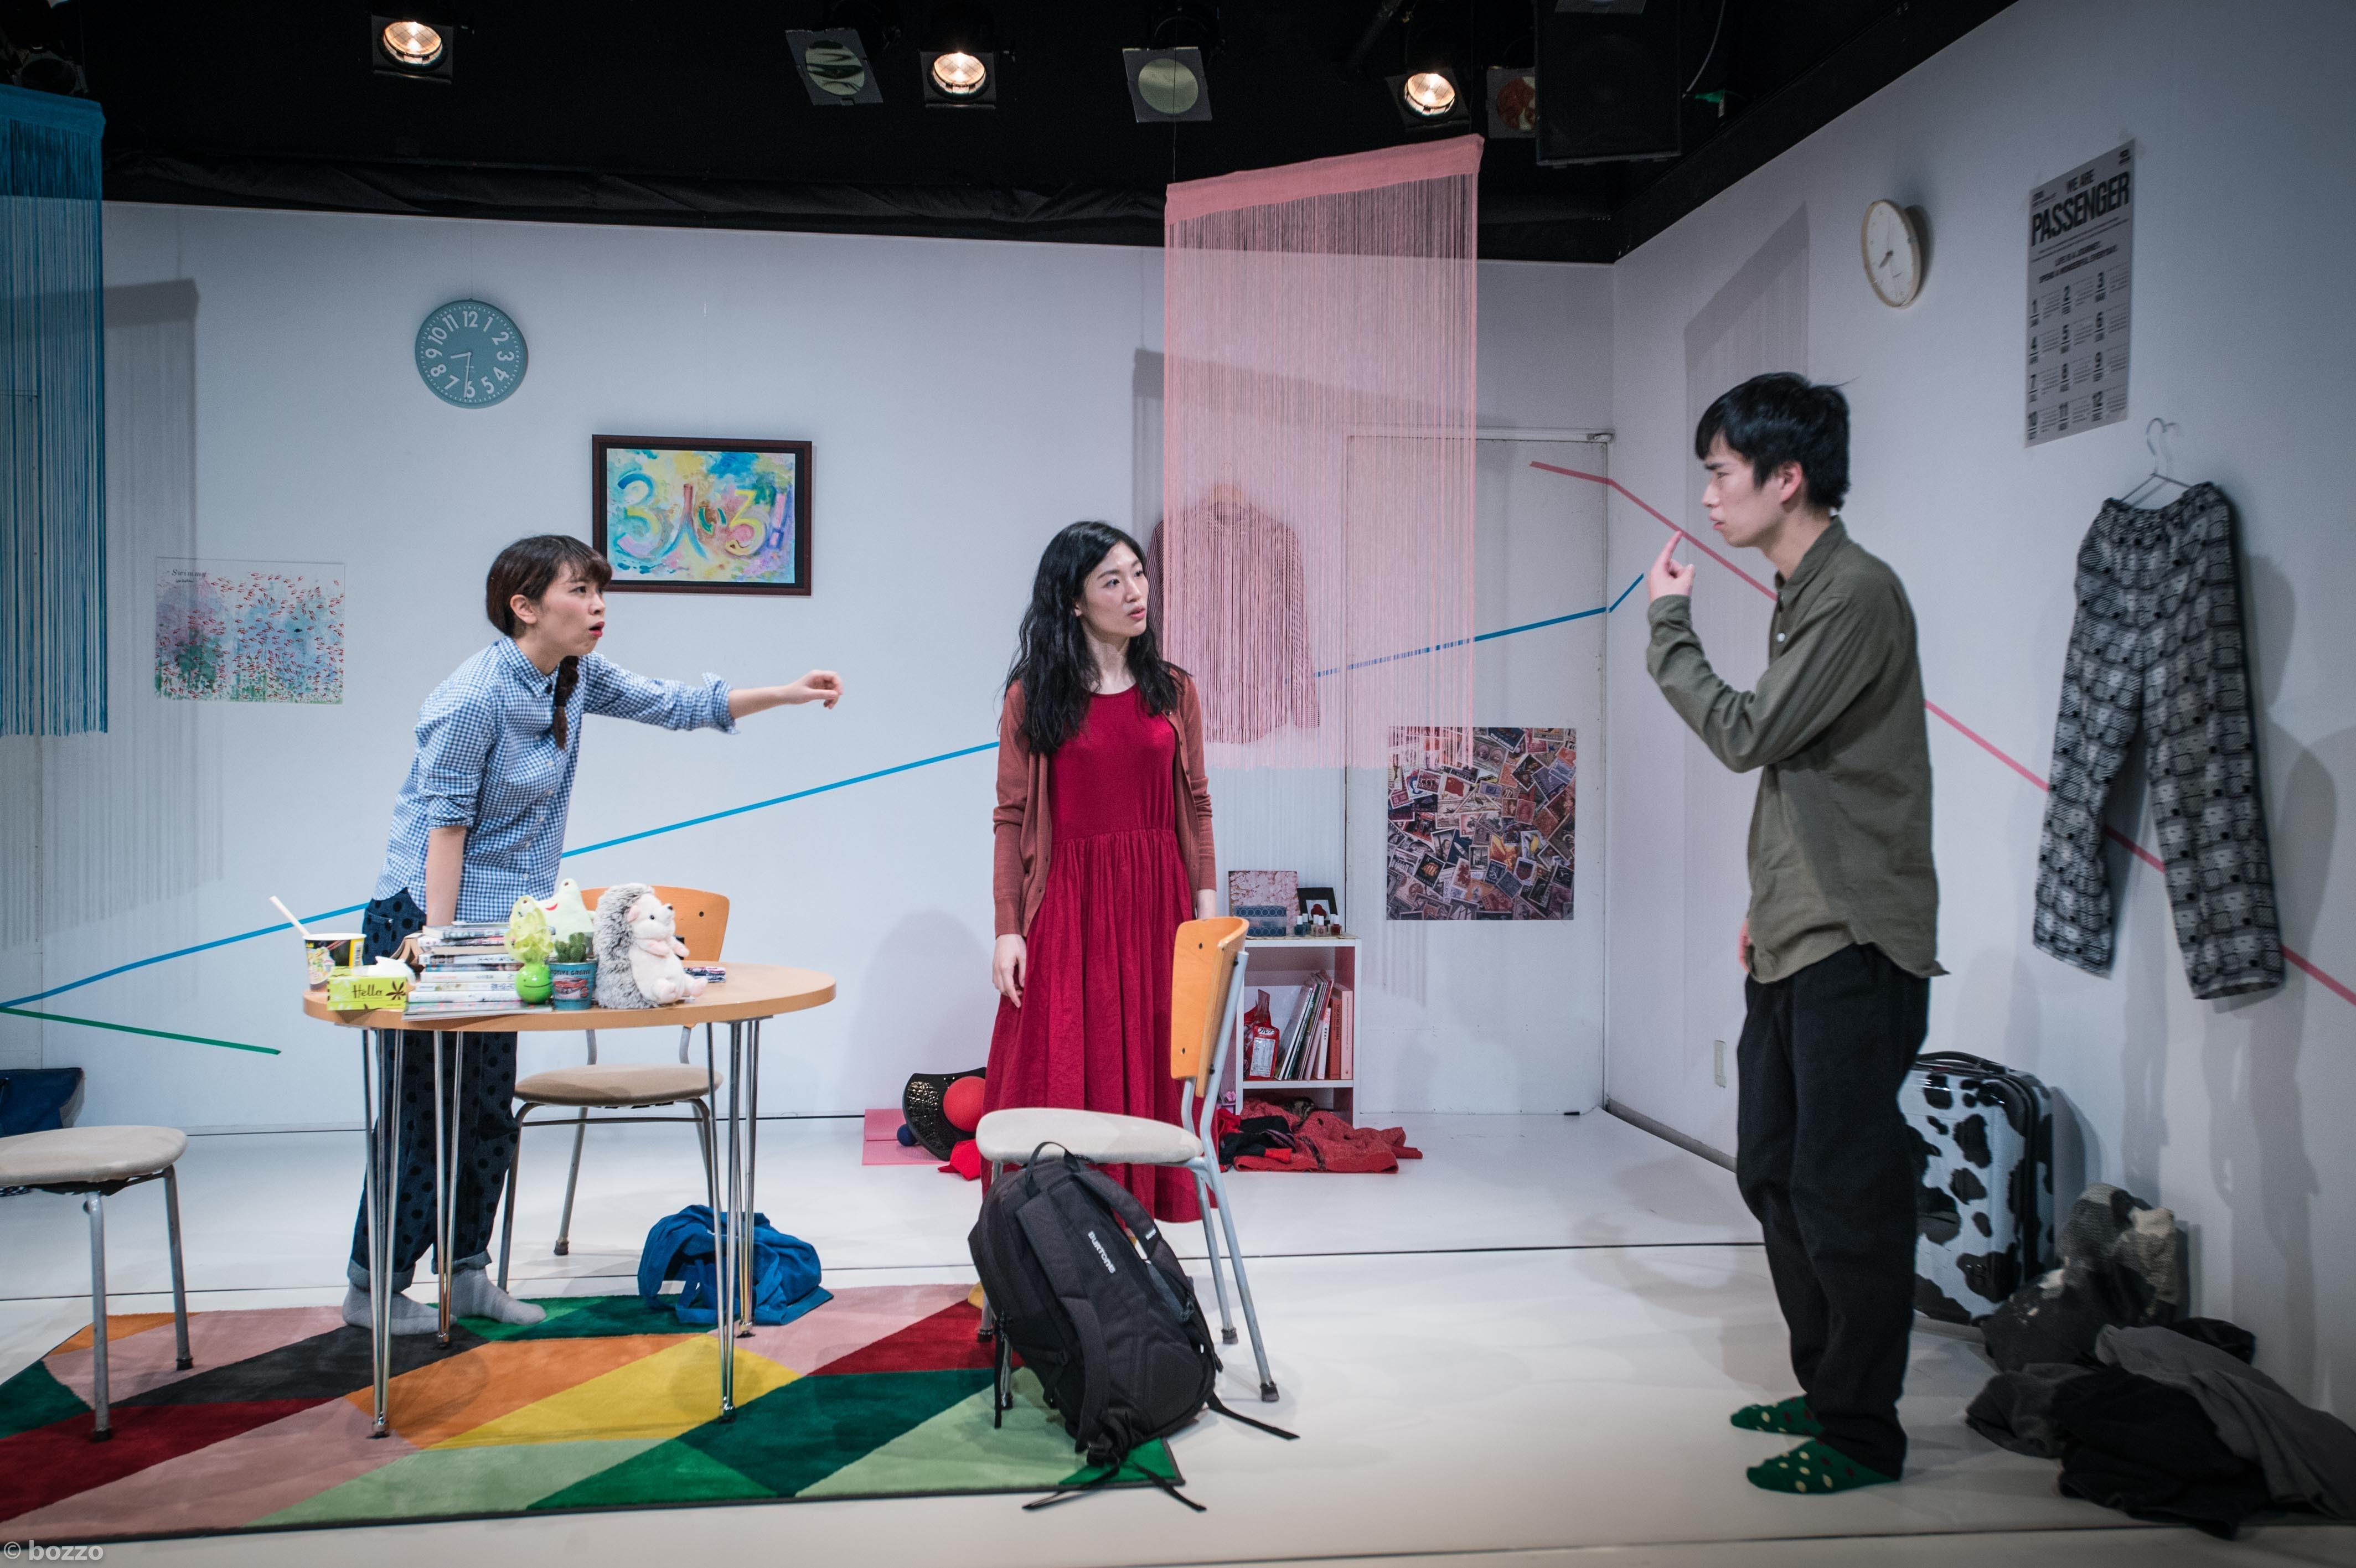 東京デスロック公演『3人いる!』(STスポット) 撮影/bozzo